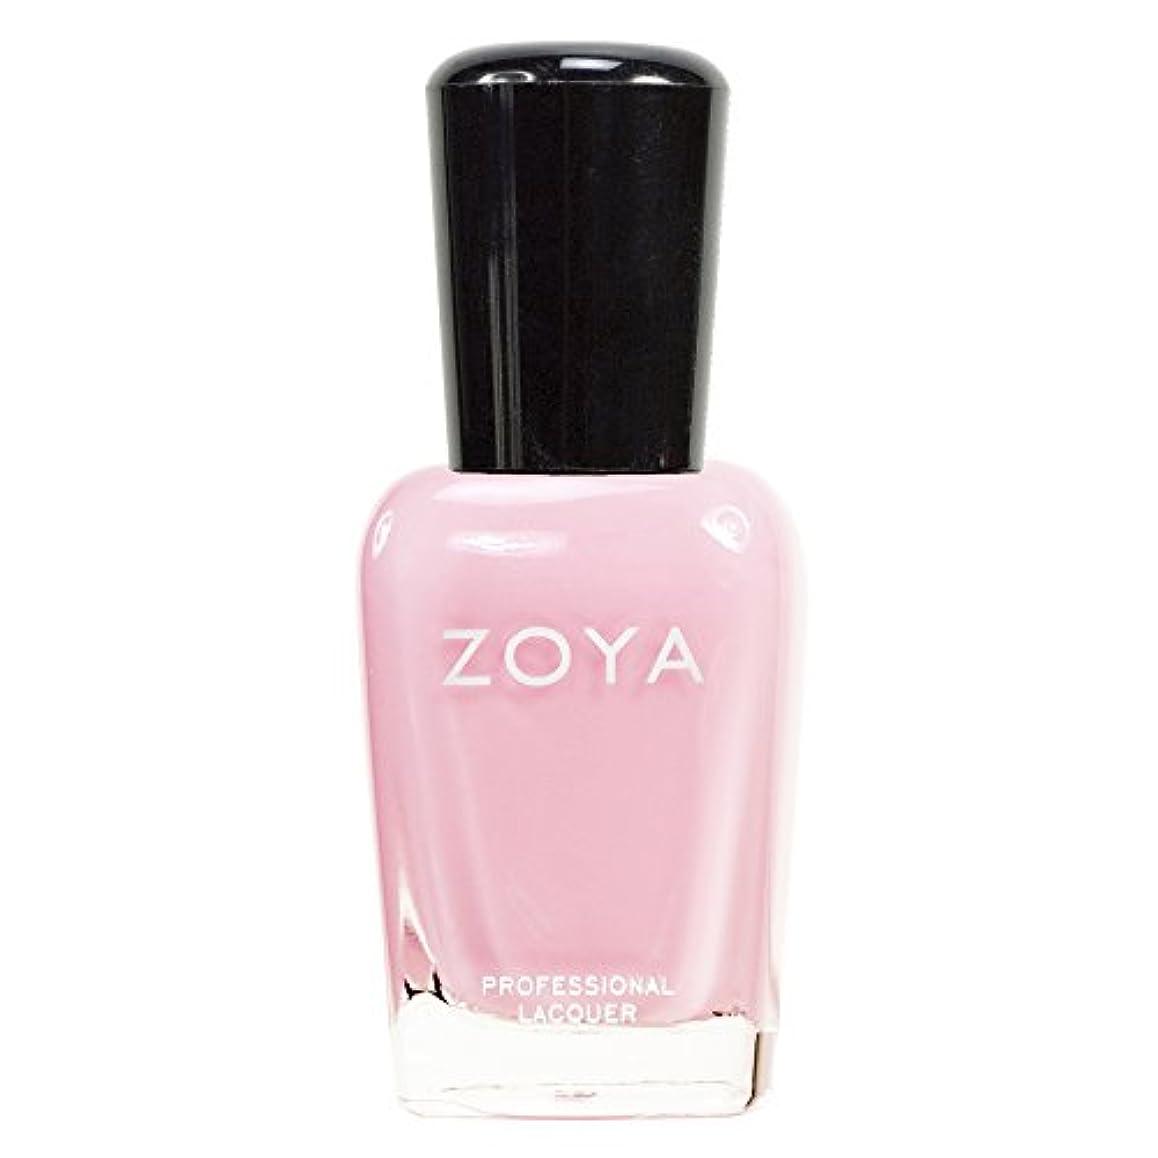 スピリチュアルブランド名抜粋ZOYA ゾーヤ ネイルカラーZP315 BELA ベラ 15ml 淡く優しいクリーミーなピンク マット 爪にやさしいネイルラッカーマニキュア